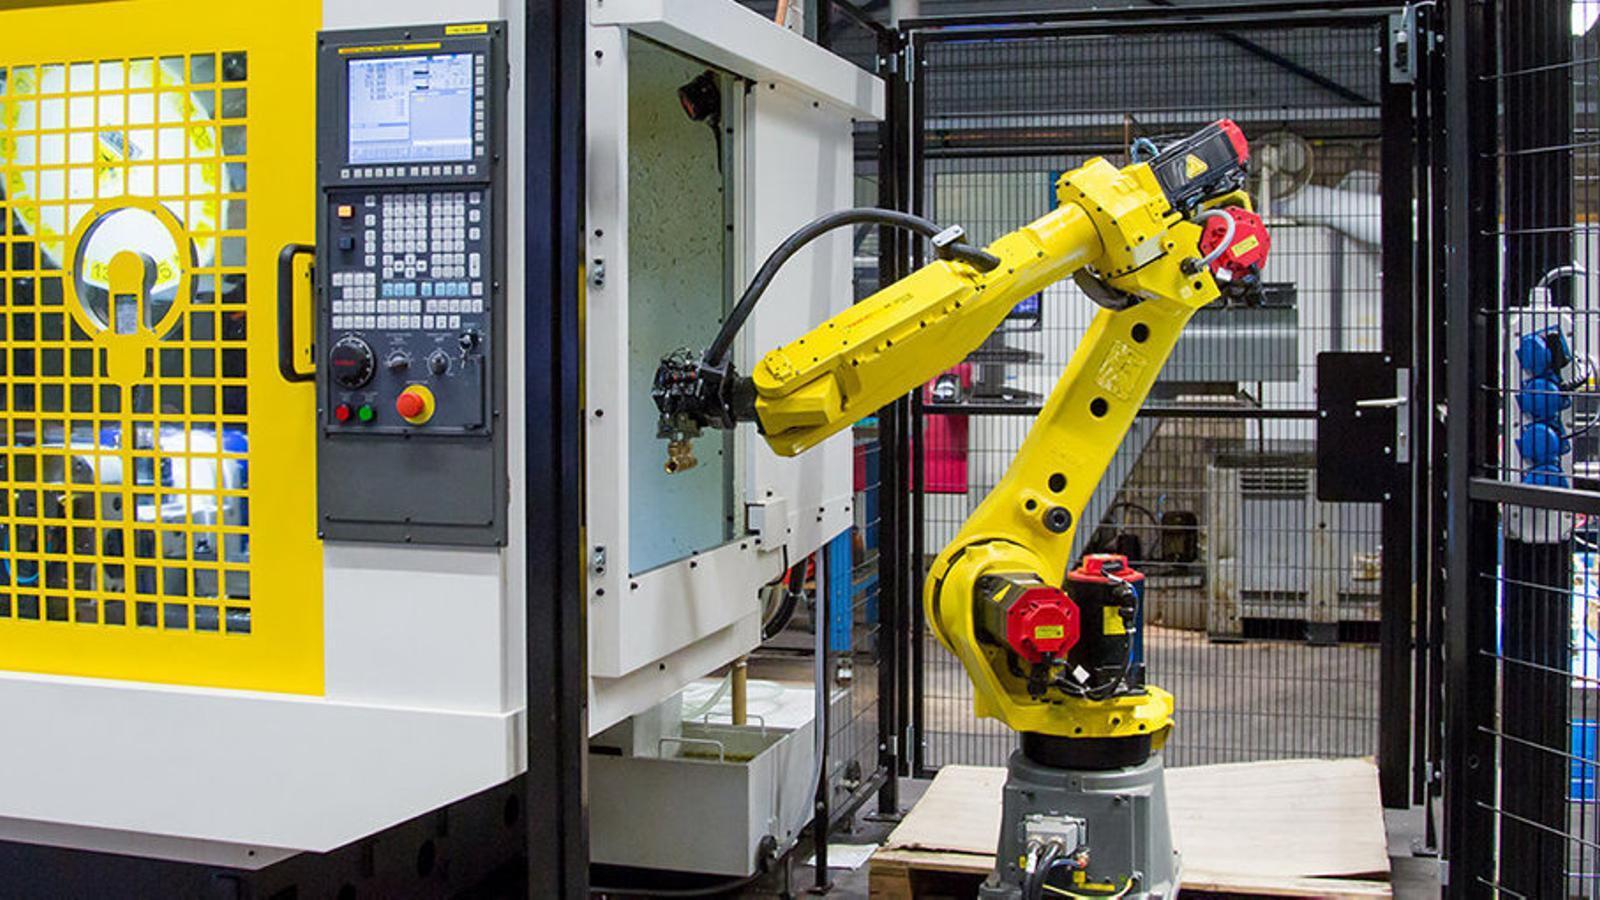 El gegant de la robòtica Fanuc s'instal·larà a Sant Cugat